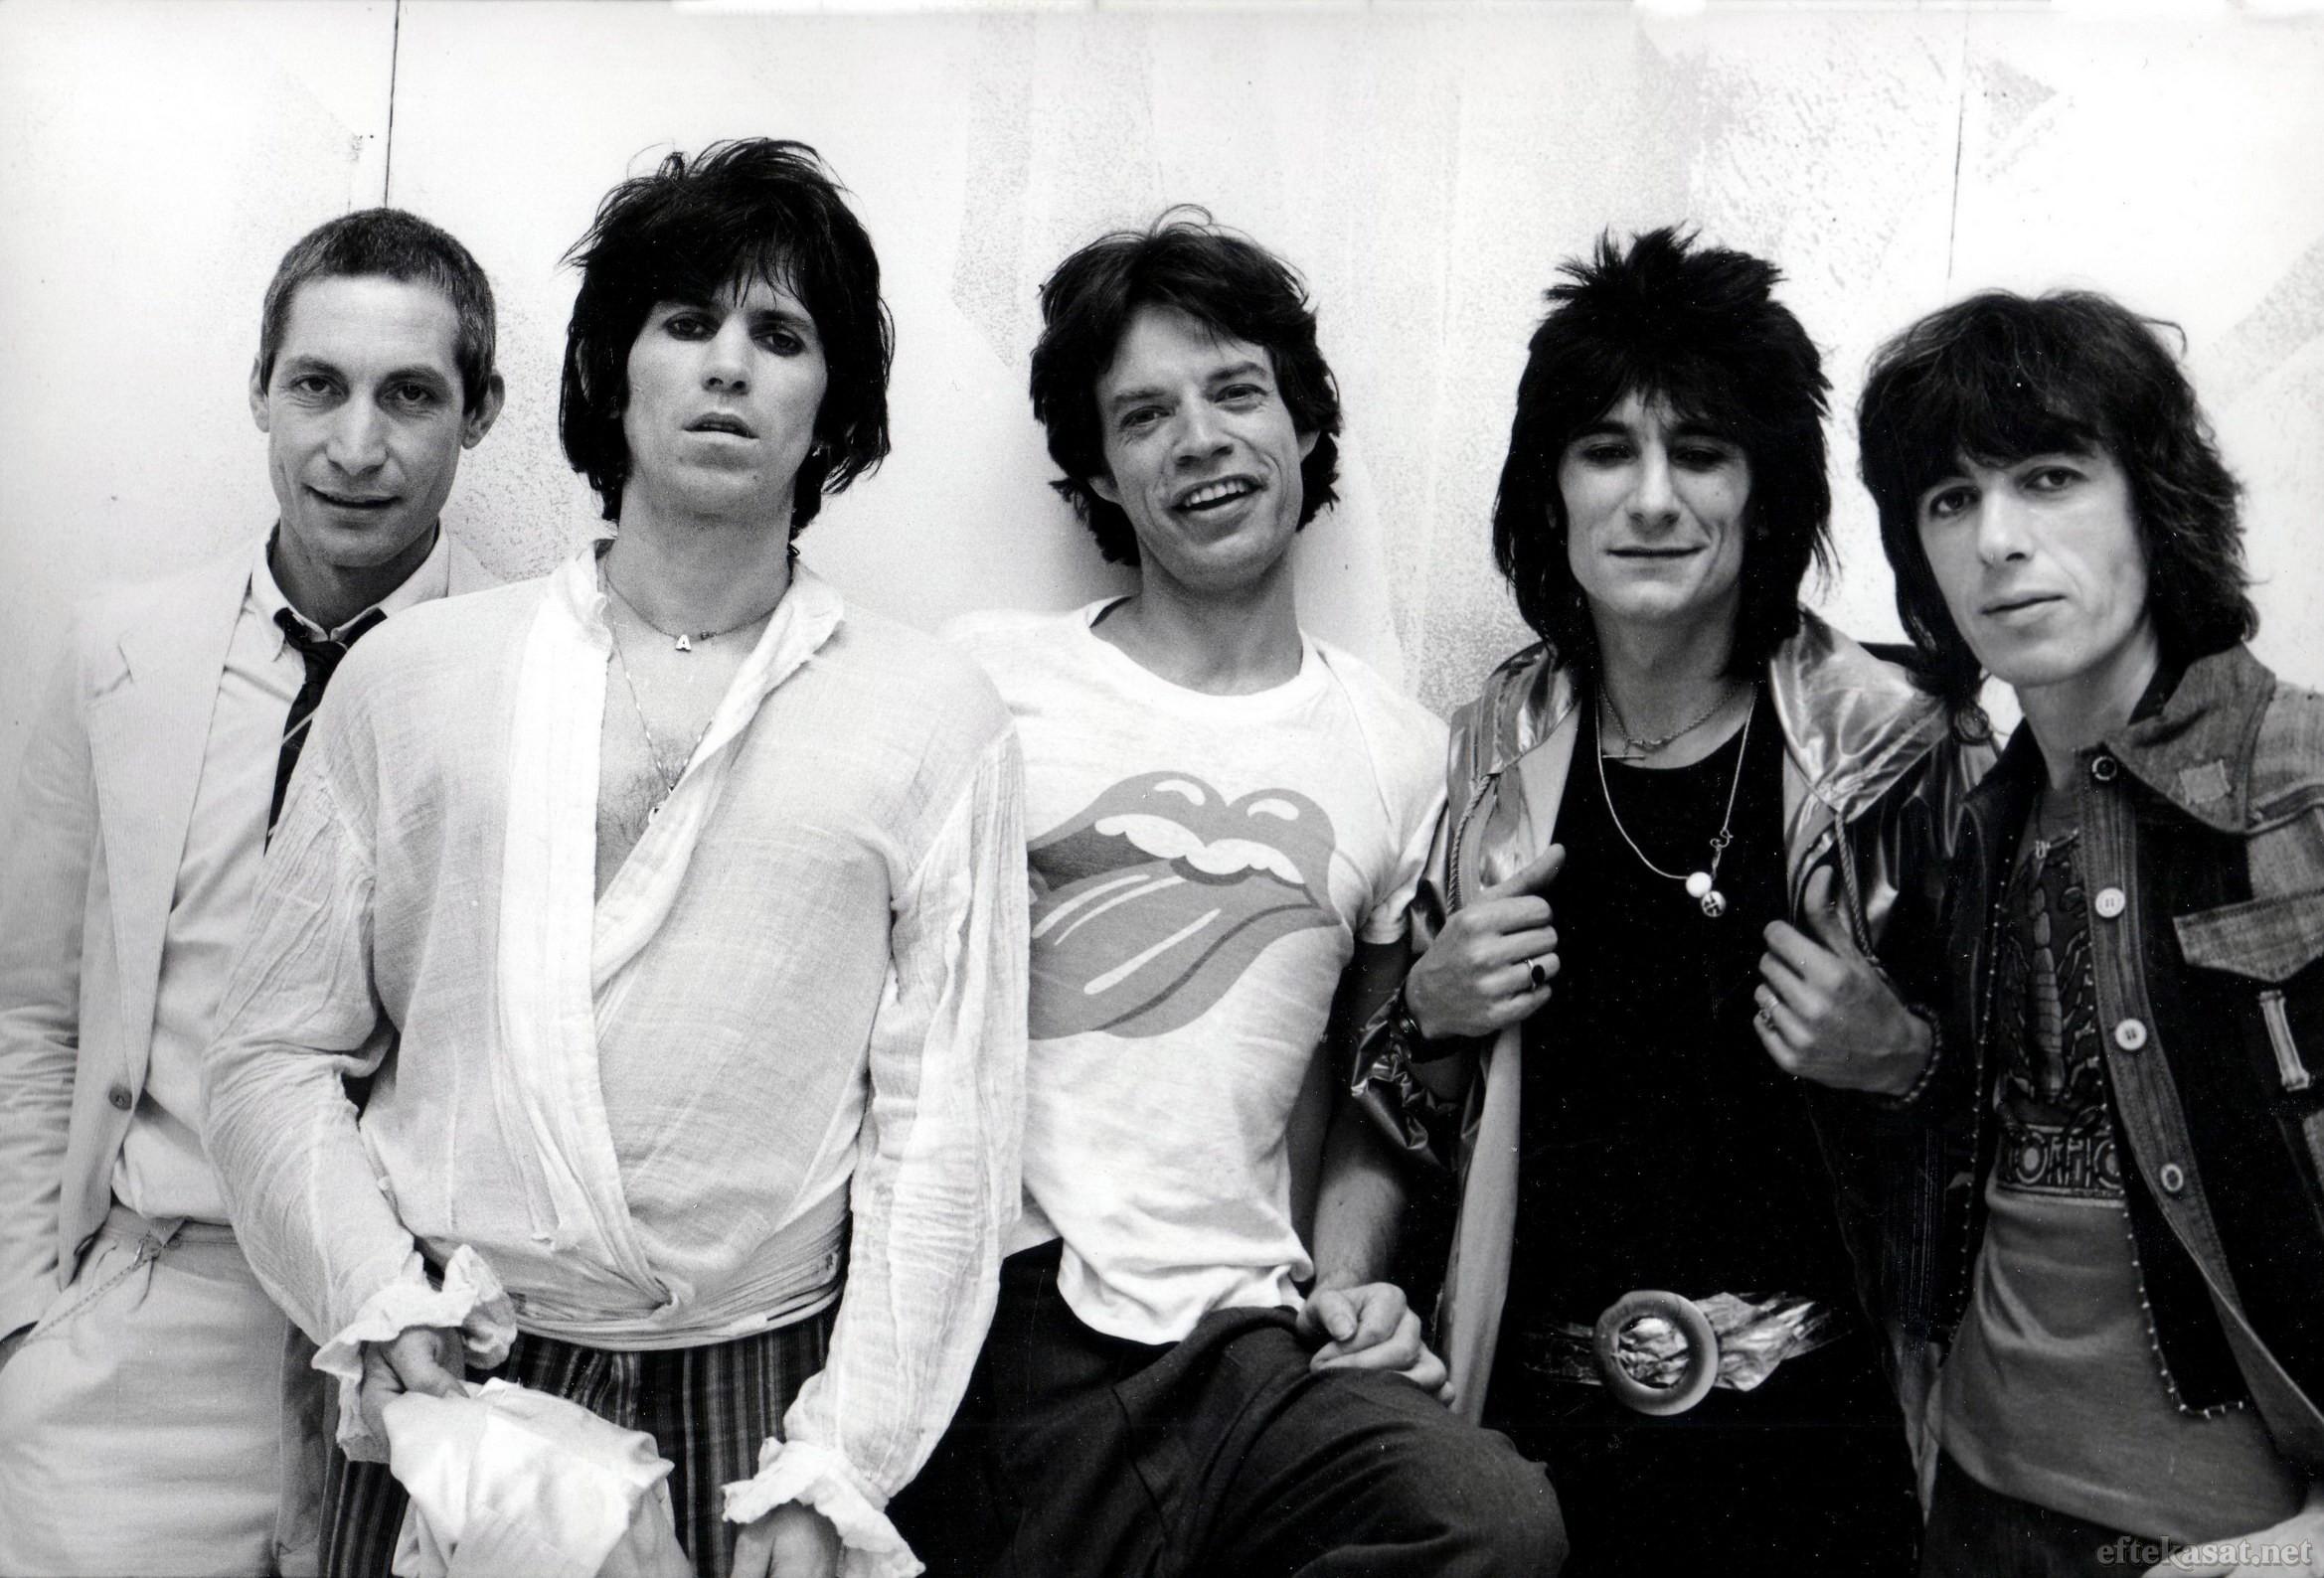 еще фото рок групп зарубежных поэтому предлагаем взглянуть